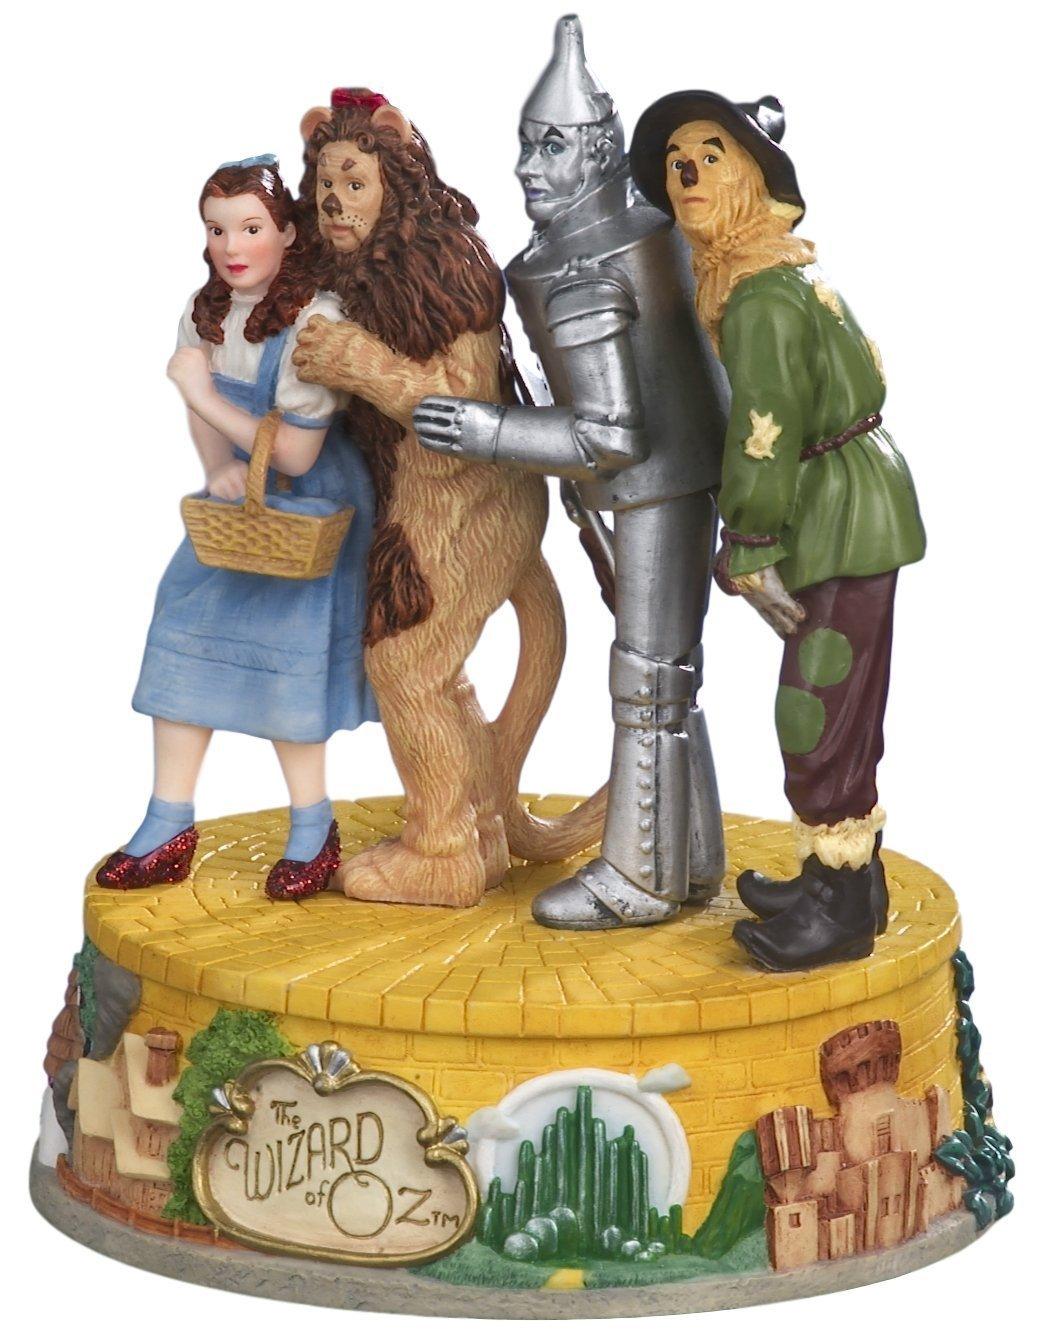 【新品本物】 The One One San Francisco of Music Box Company The Wizard of Oz Four Character Musical Figurine (並行輸入品) B07DQDHYR9 One Color One Size, スクールアイテム専門店カワトー:57258fc0 --- arcego.dominiotemporario.com